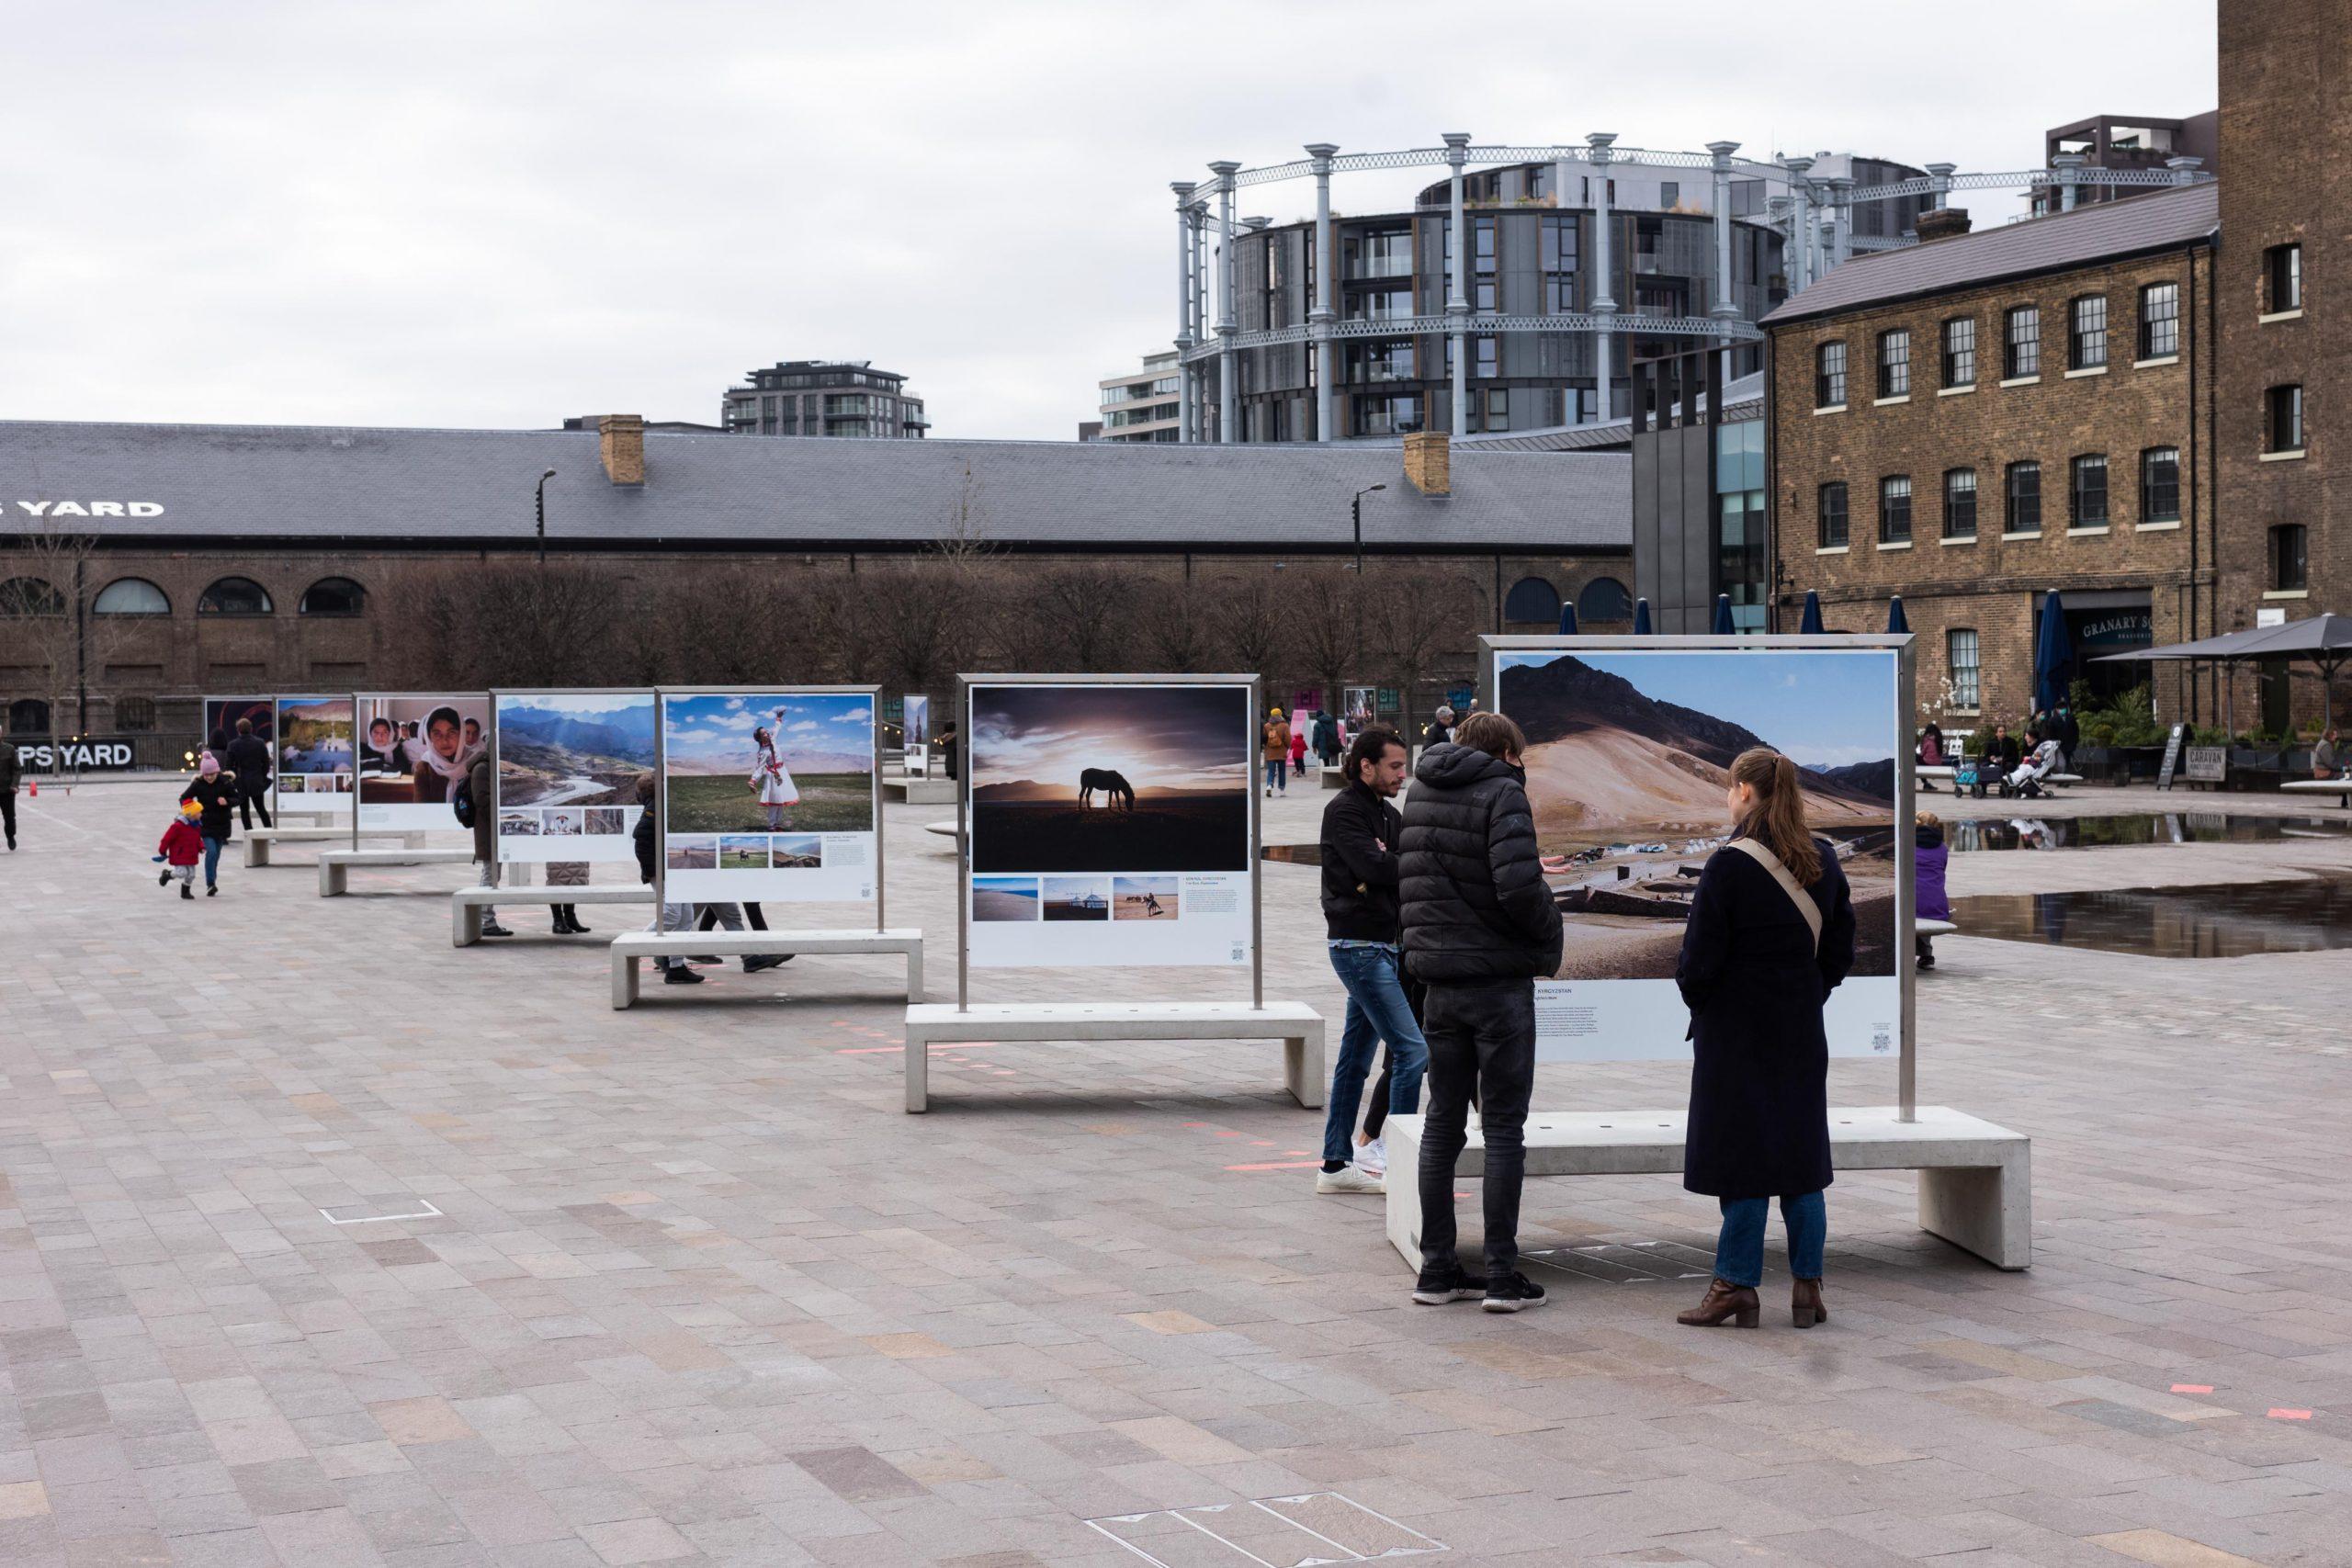 The exhibit in Granary Square, London.